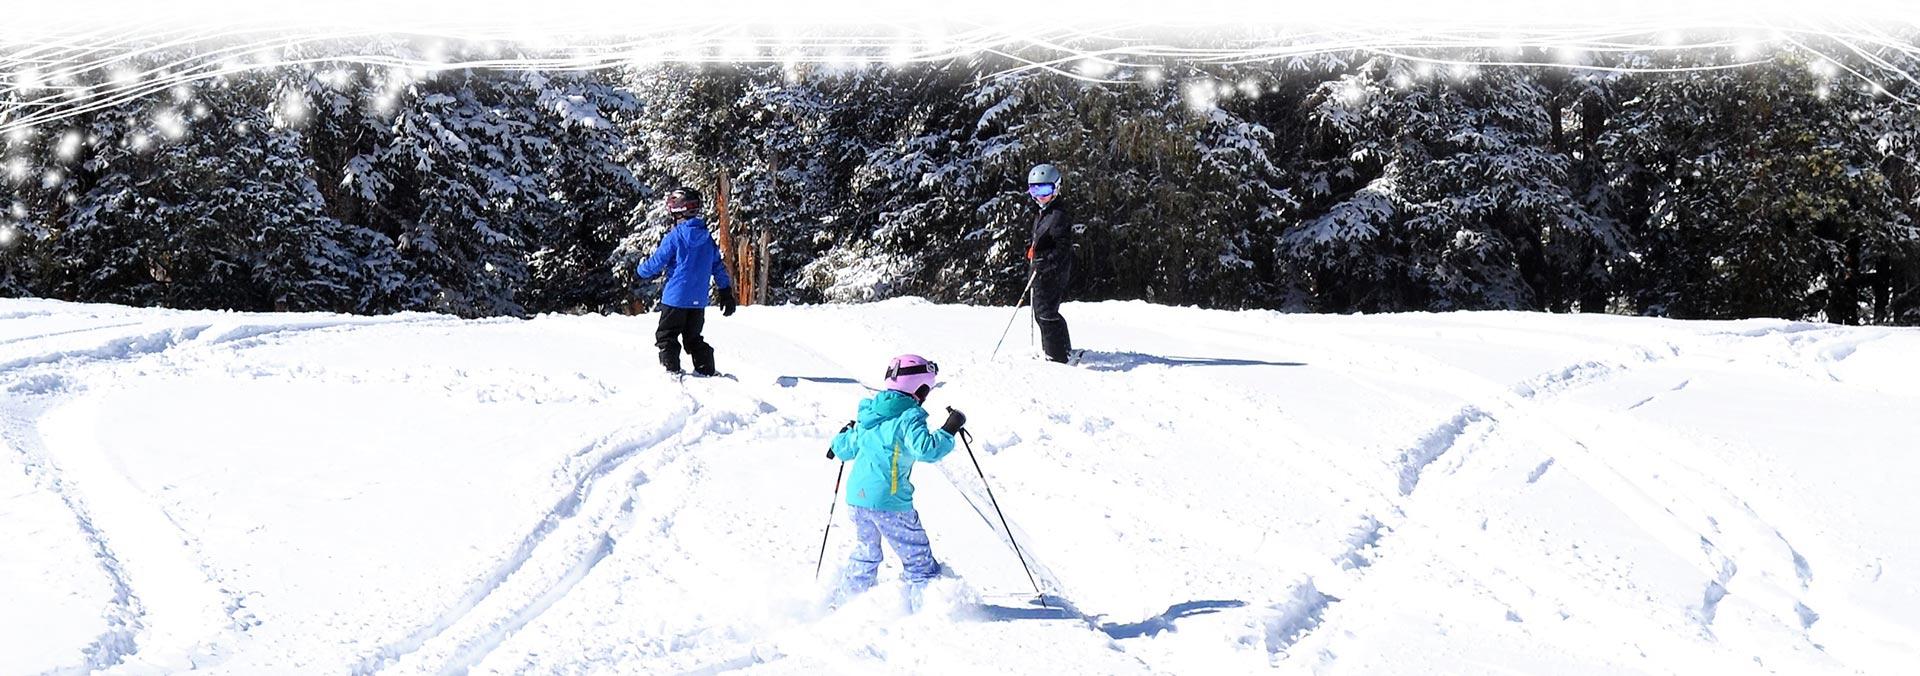 kids skiing in powder